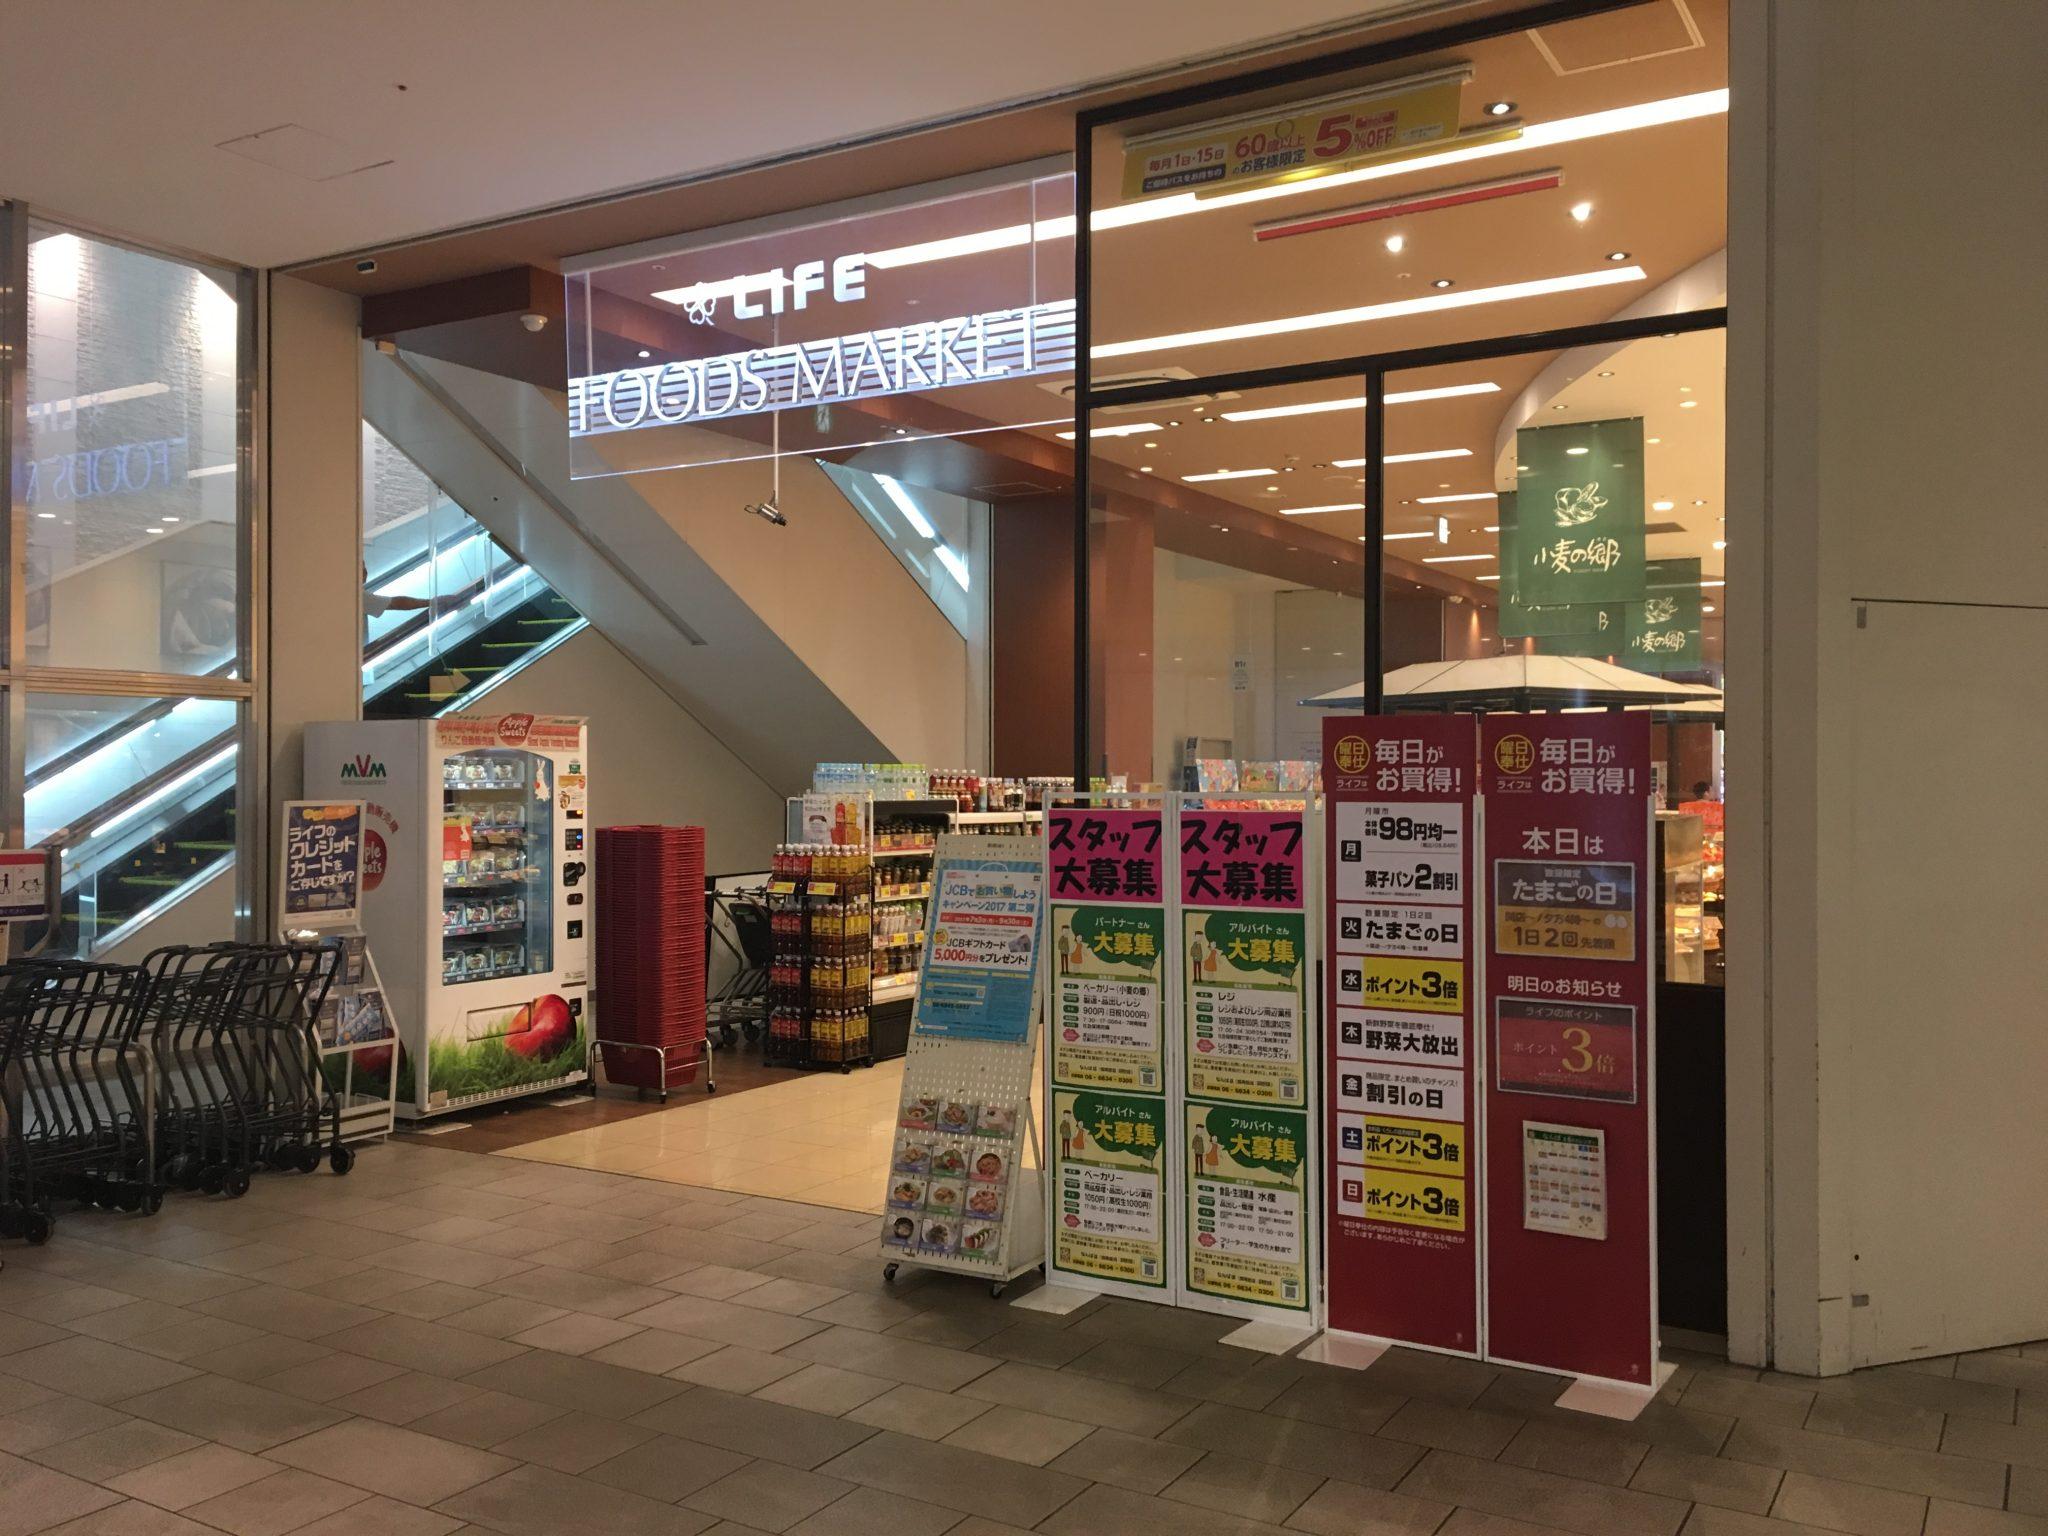 Life Namba Shop